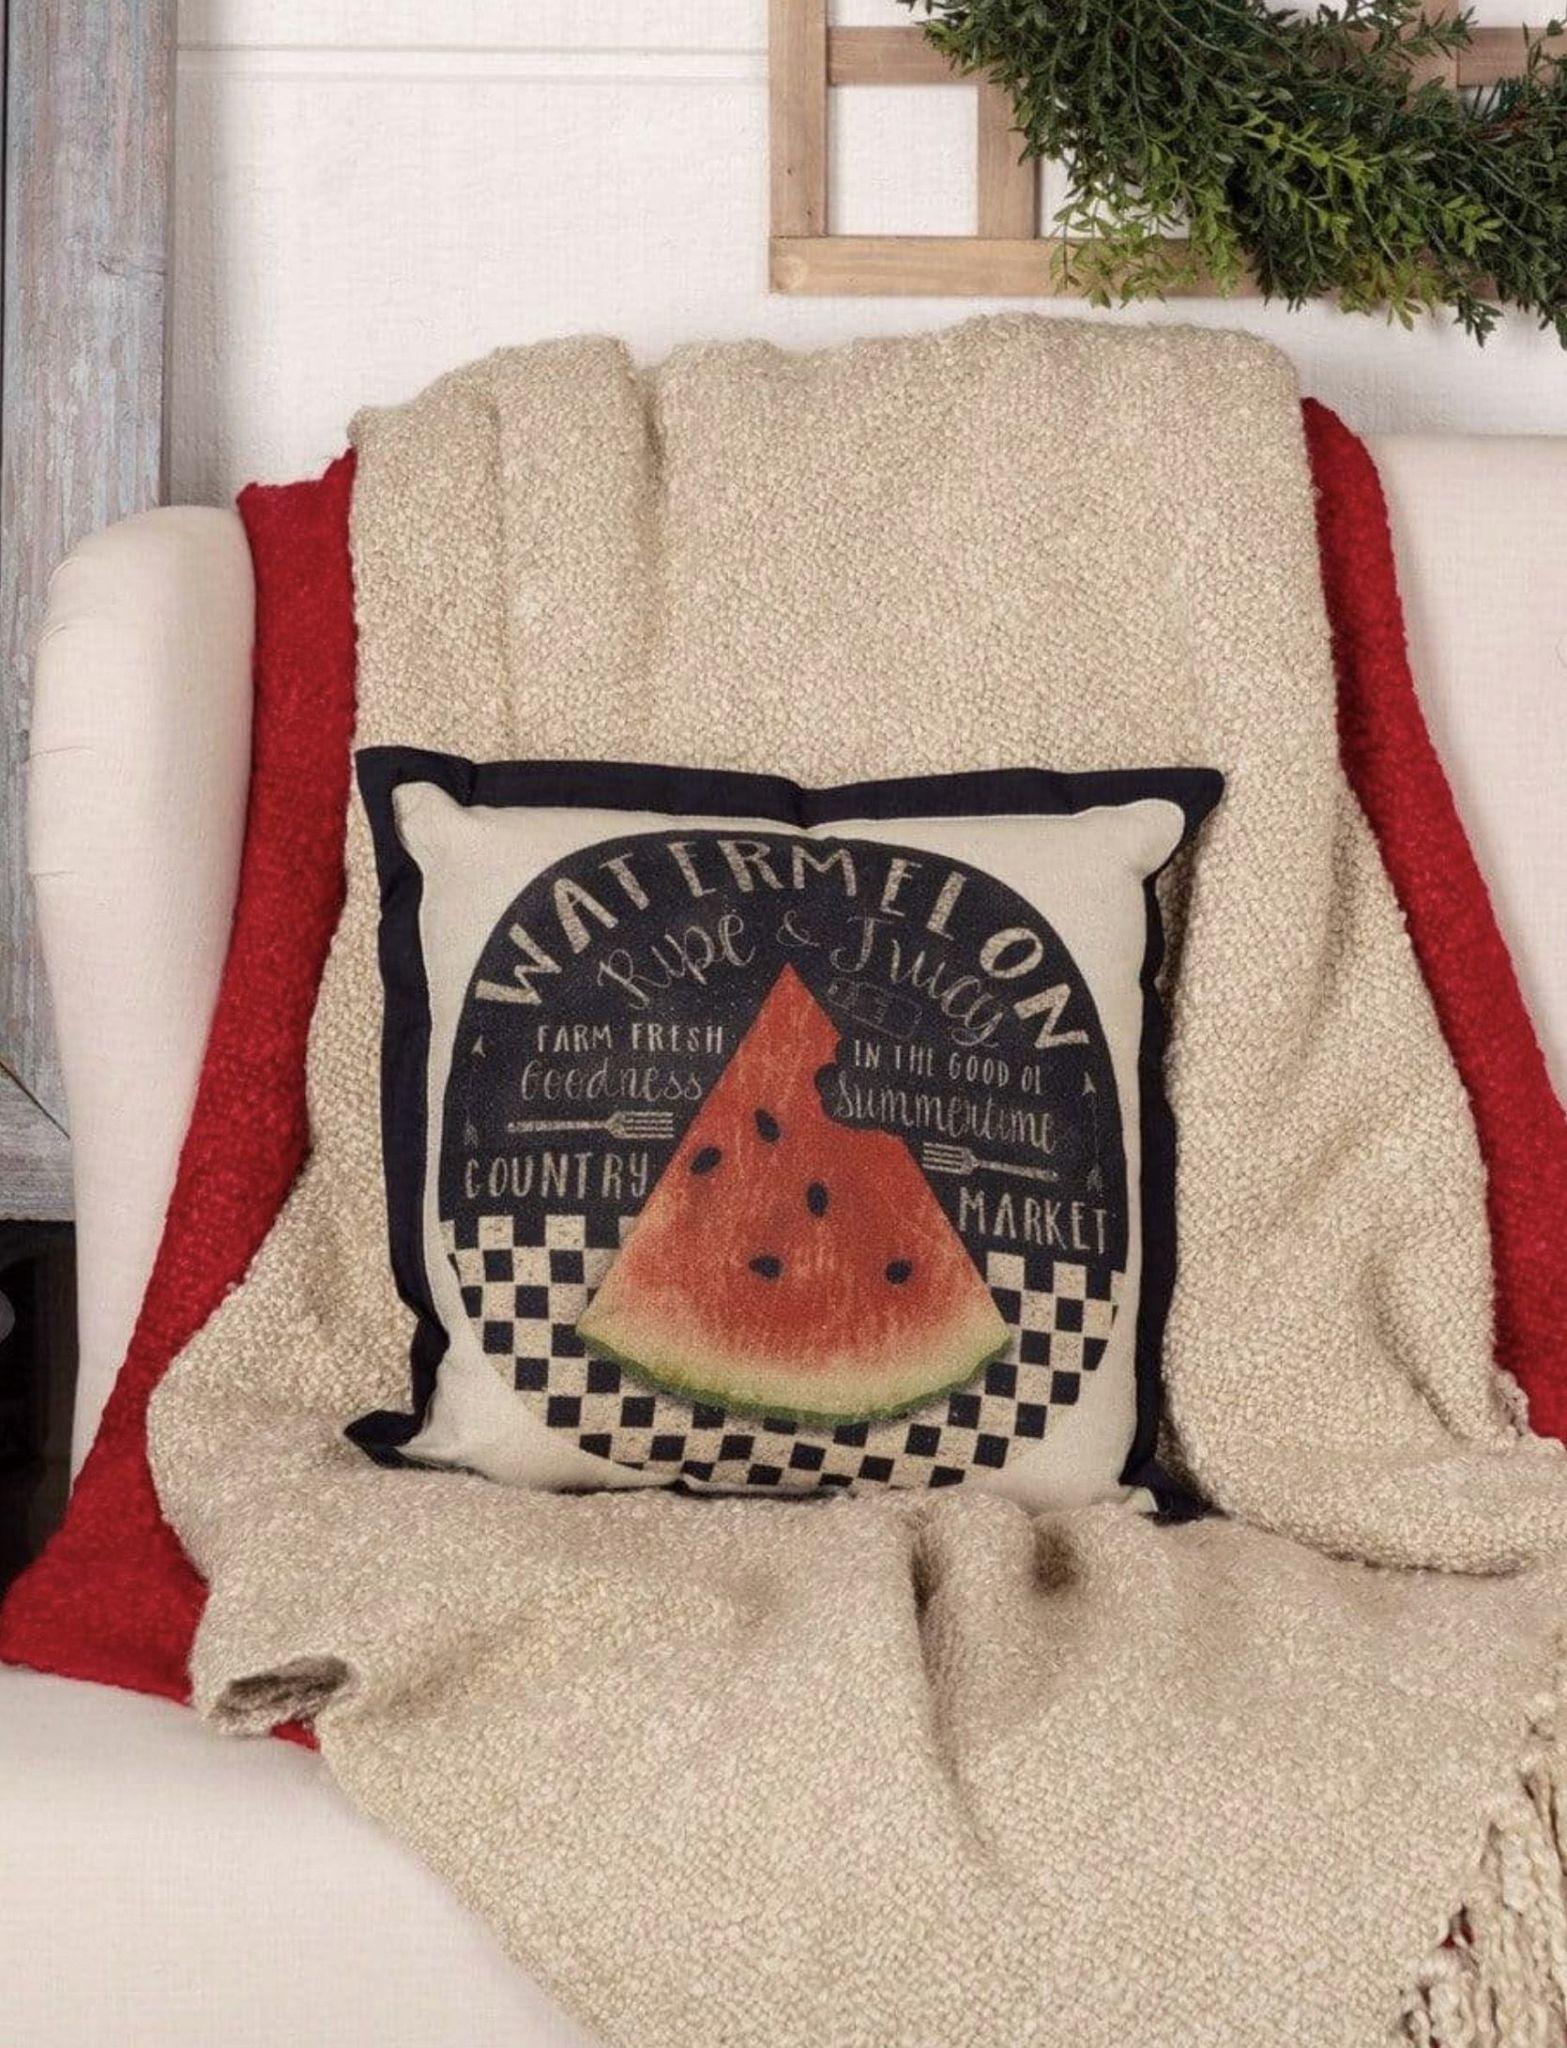 VHC Brands Farmer's Market Fresh Watermelon Pillow - 12x12